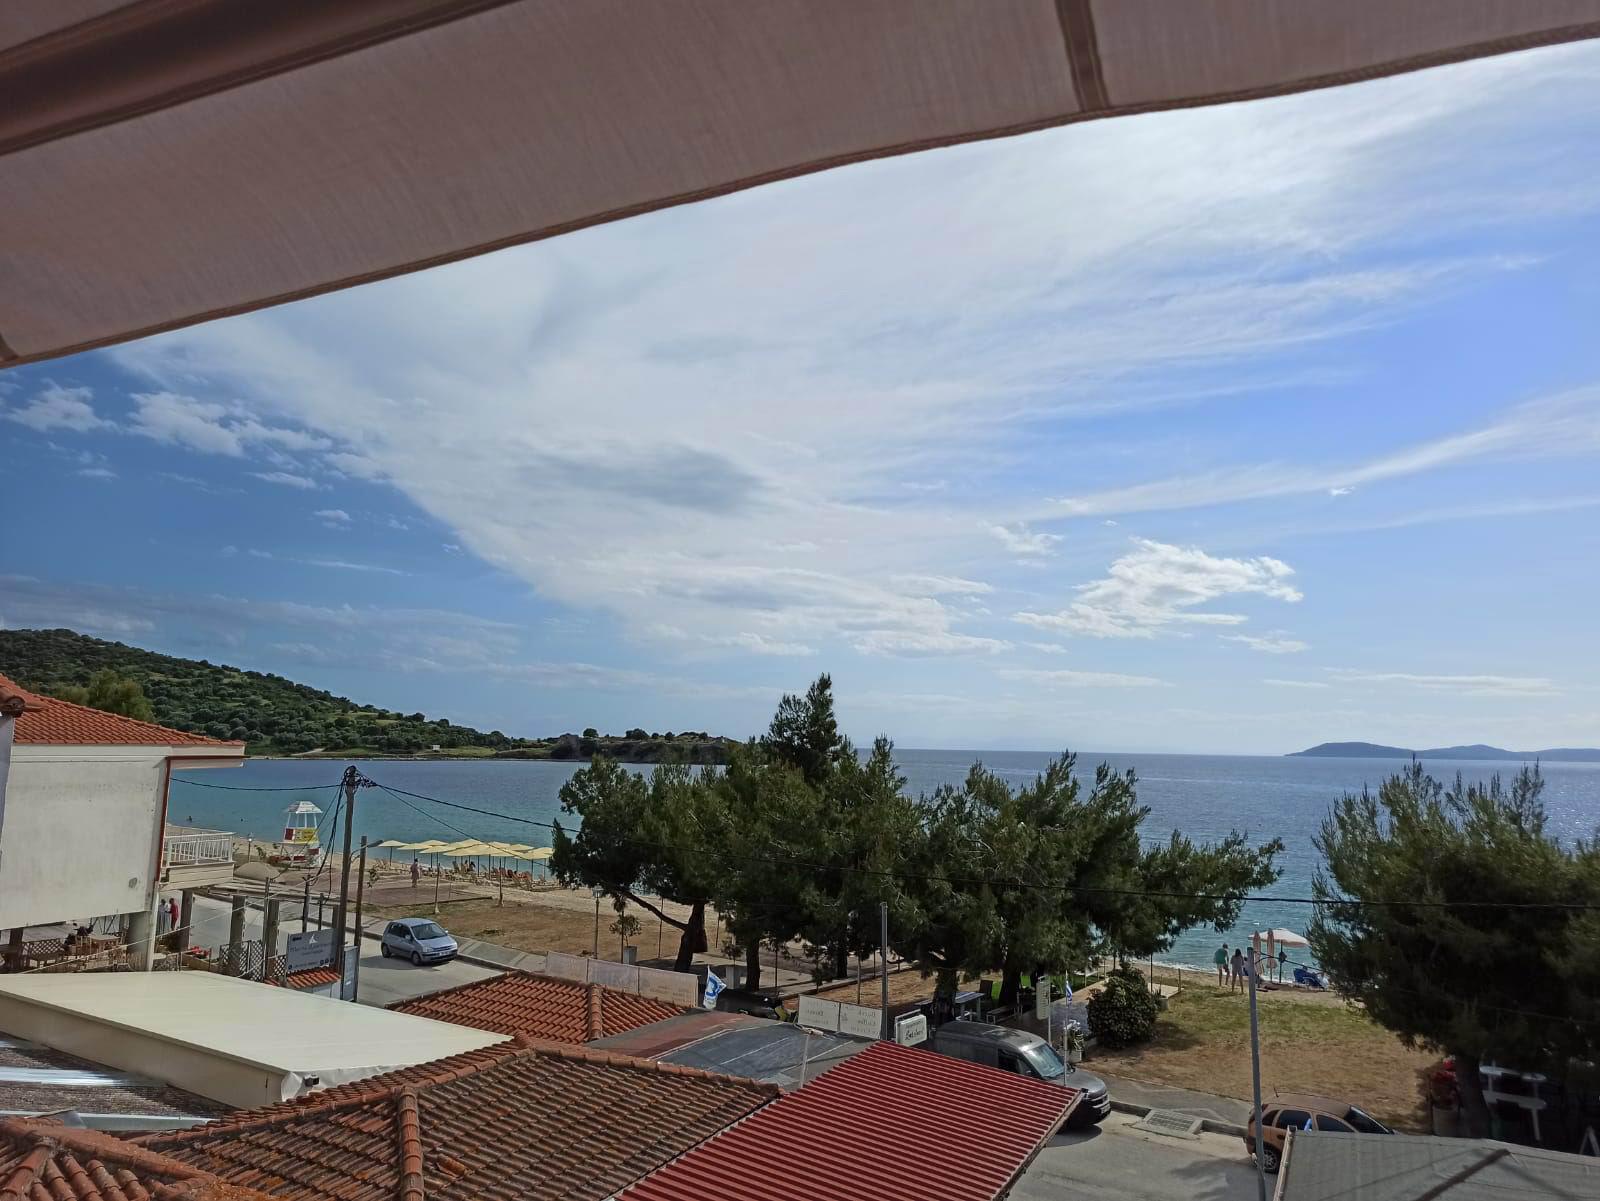 Prvi put u Grčku sa sertifikatom - kako je reporter Danasa putovao do Halkidikija 2